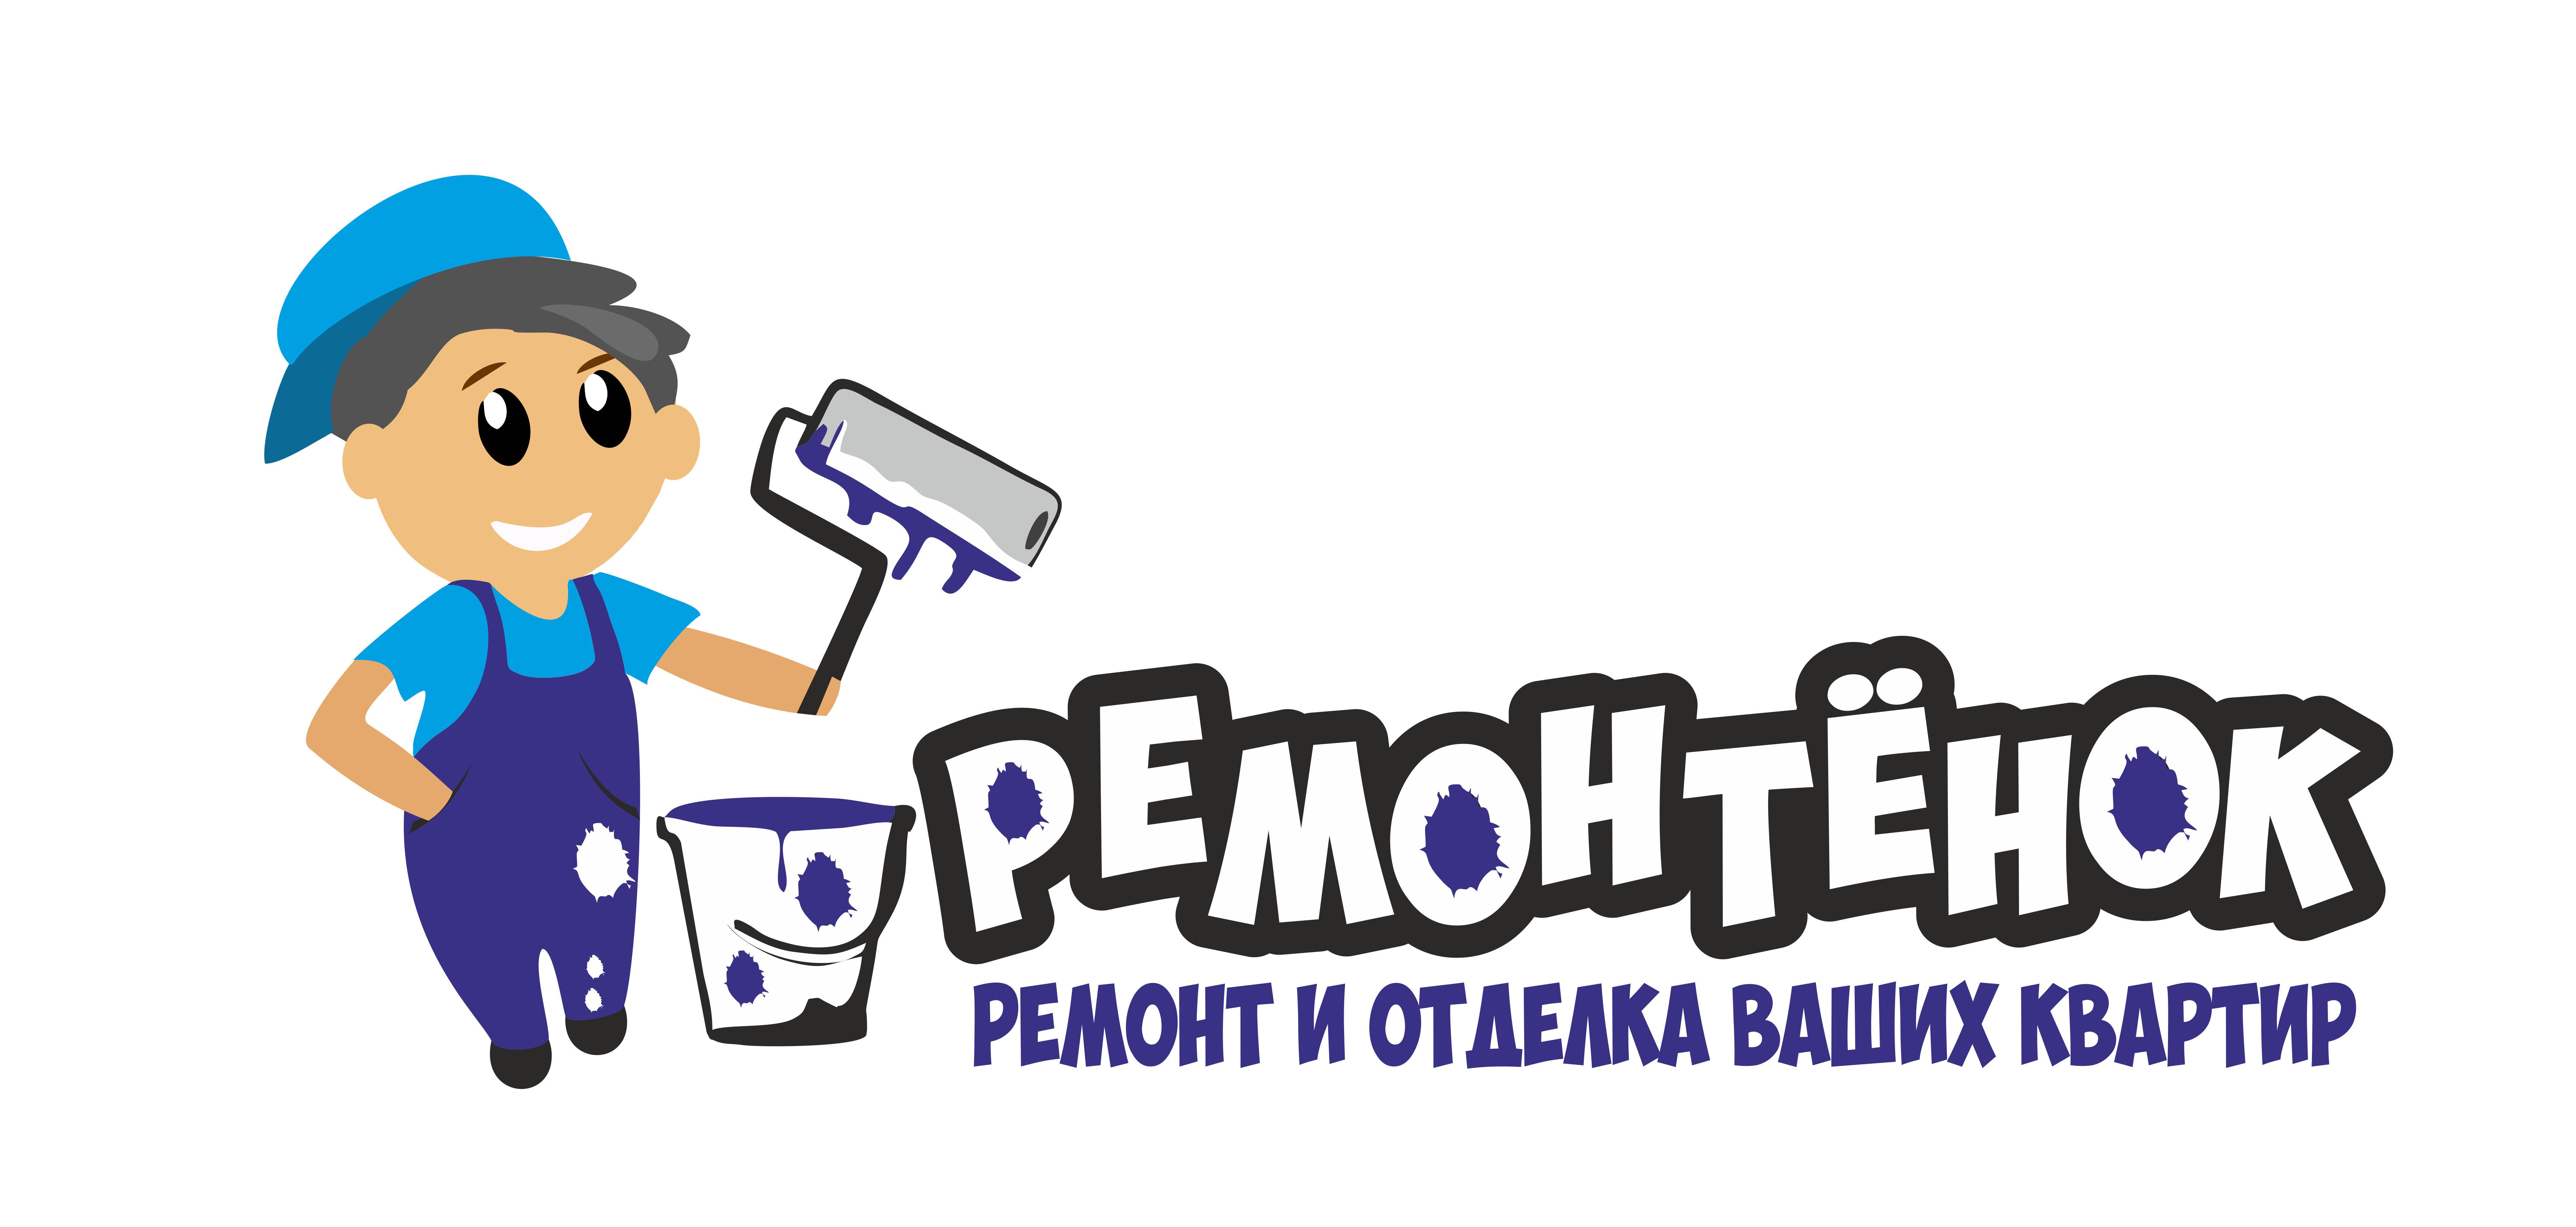 Ремонтёнок: логотип + брэндбук + фирменный стиль фото f_14359581ba40b1a3.jpg